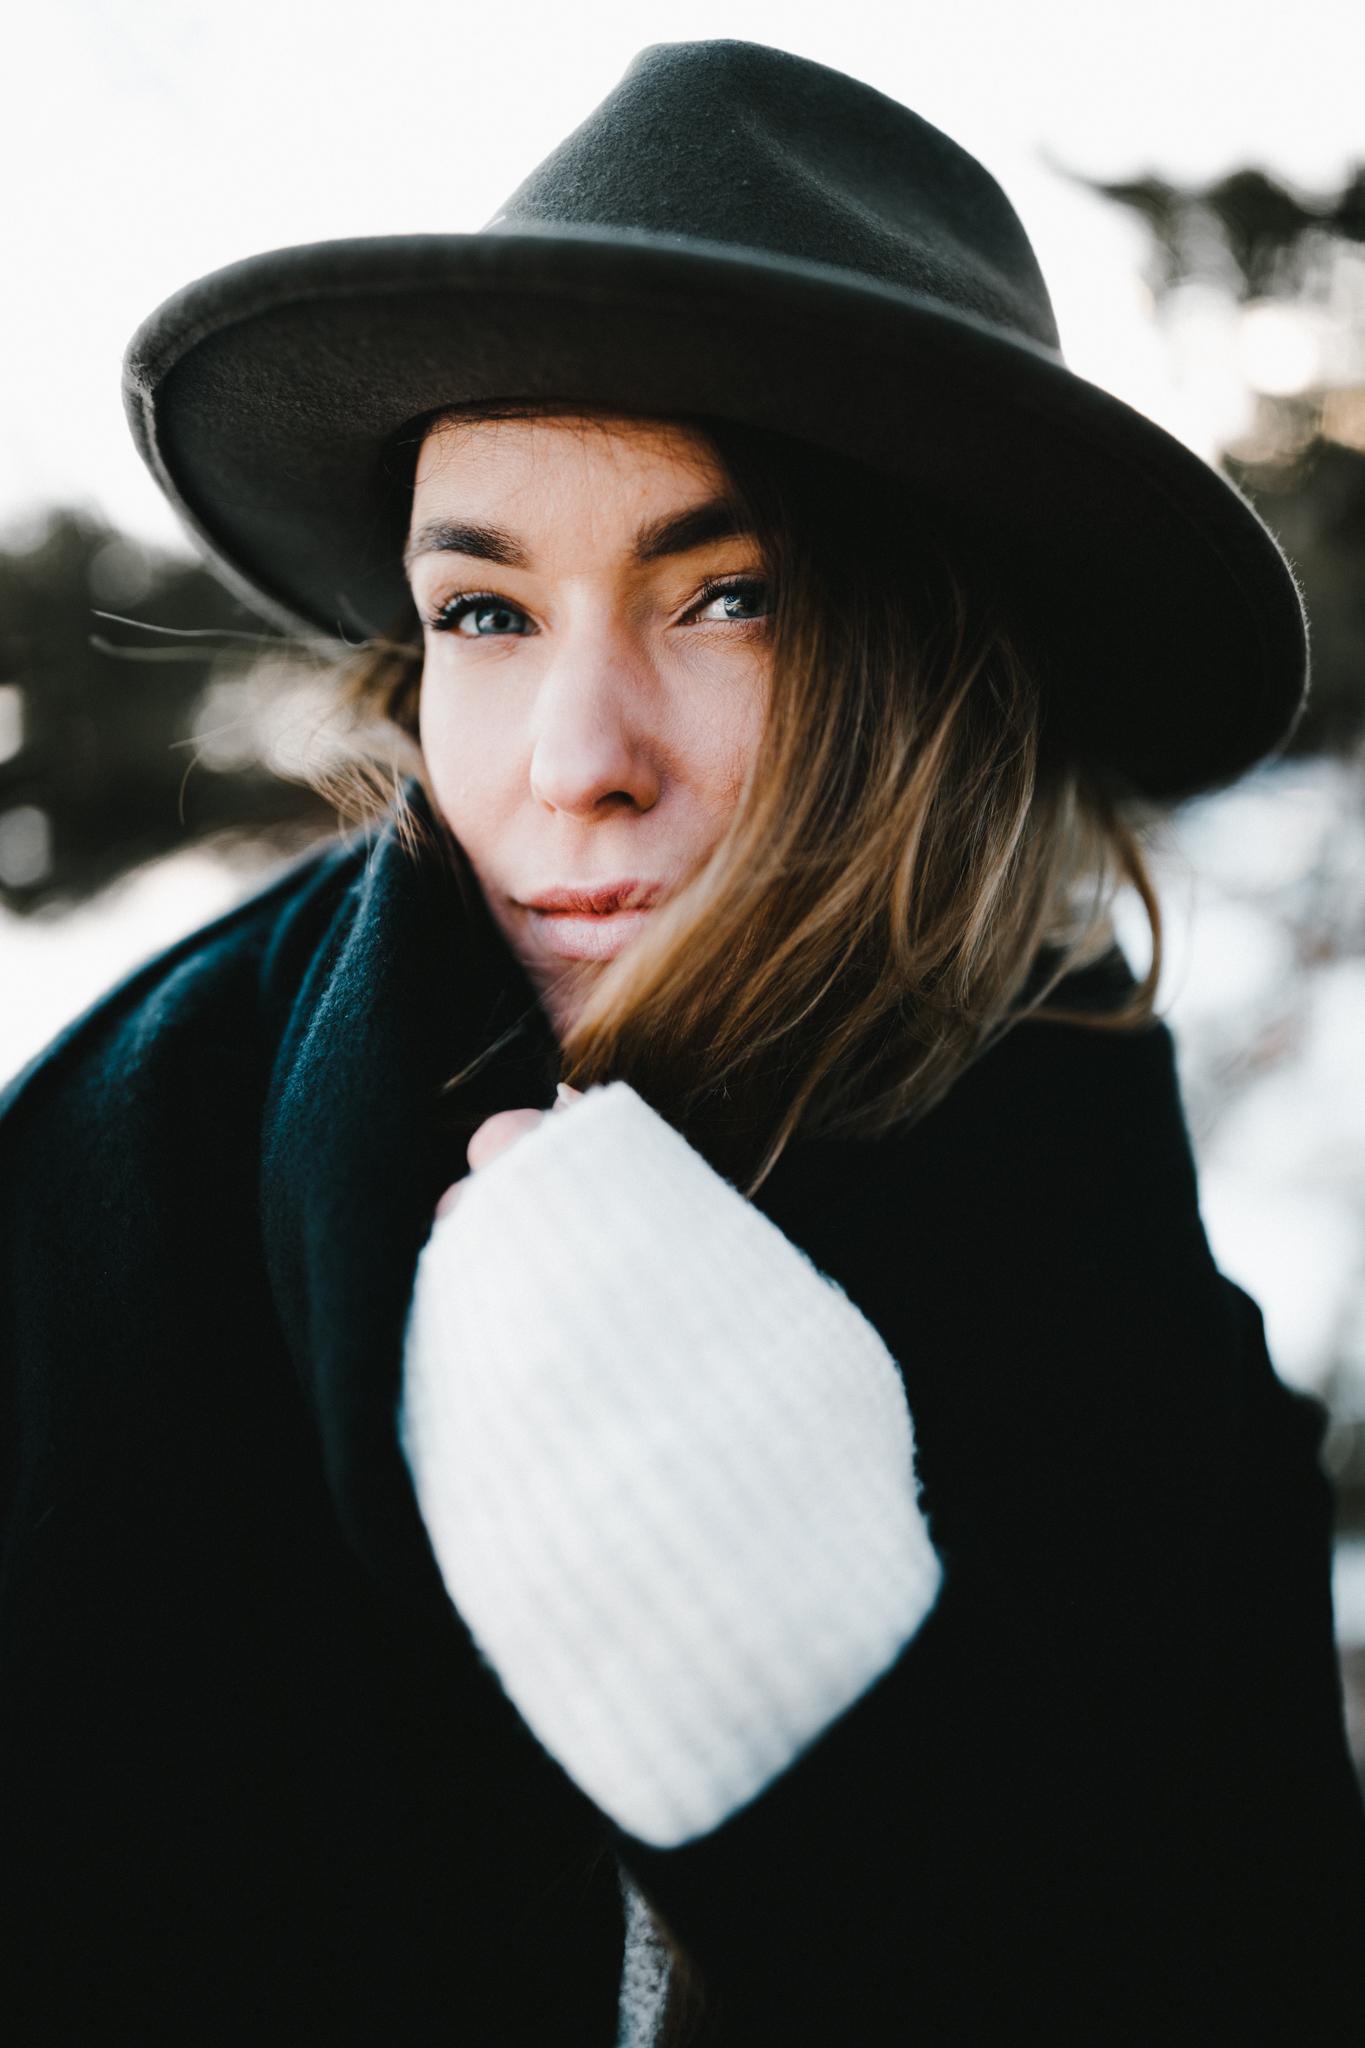 Julia Toivola -- Photos by Patrick Karkkolainen Photographer-83.jpg